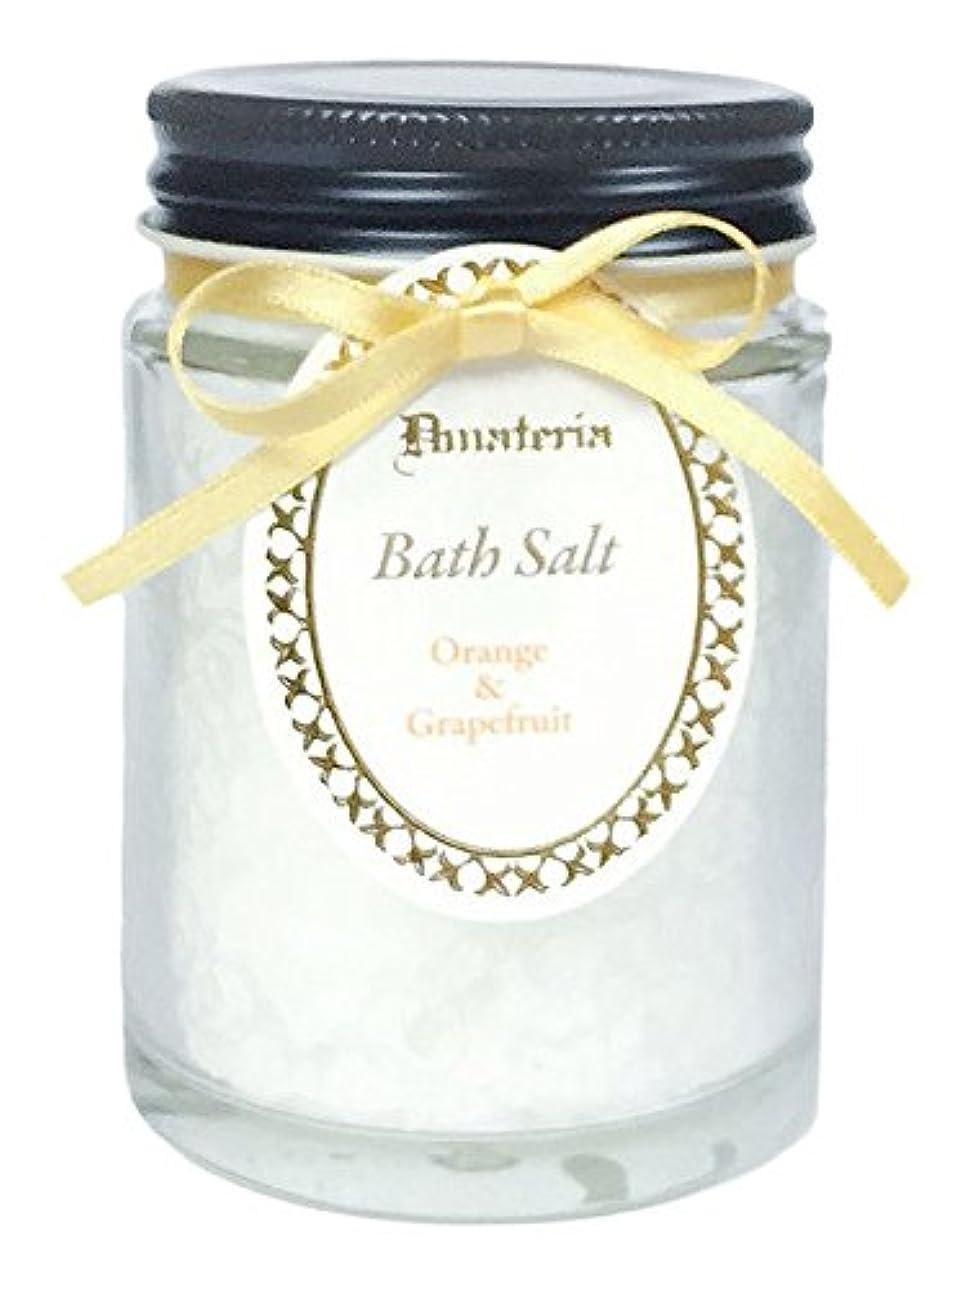 メロン決定出費D materia バスソルト オレンジ&グレープフルーツ Orange&Grapefruit Bath Salt ディーマテリア